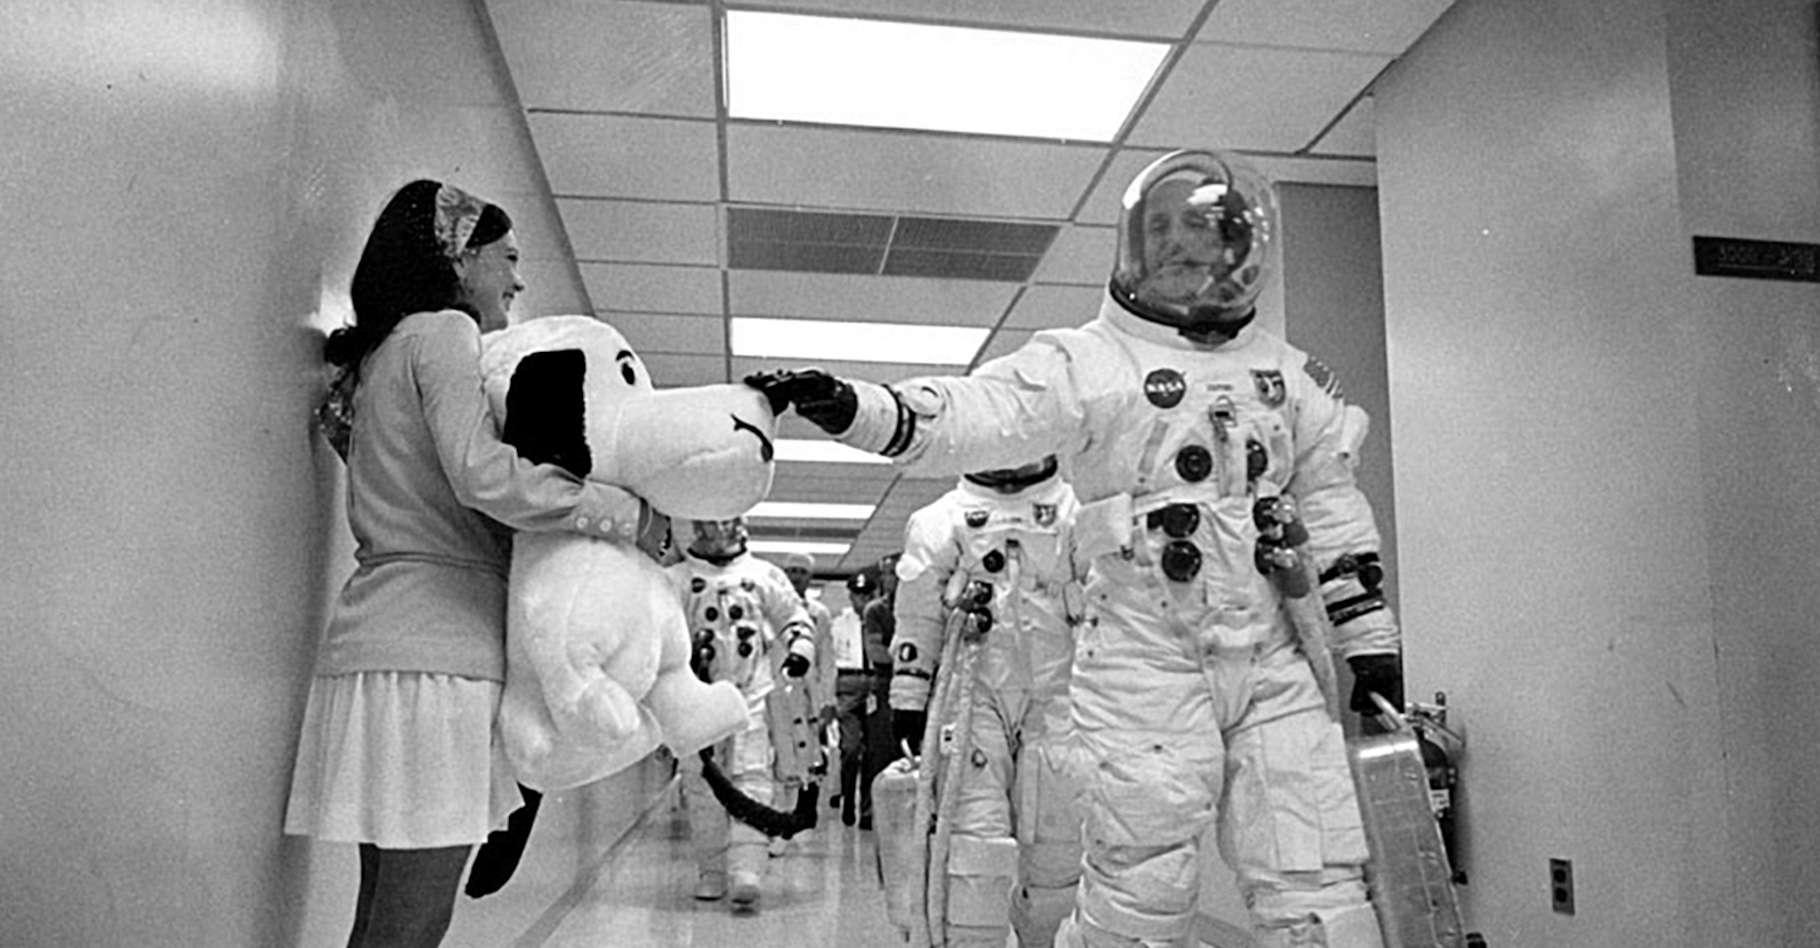 Un module de commande baptisé Charlie Brown et un module lunaire portant le nom de Snoopy. La mission Apollo 10 avait ses mascottes. © Nasa